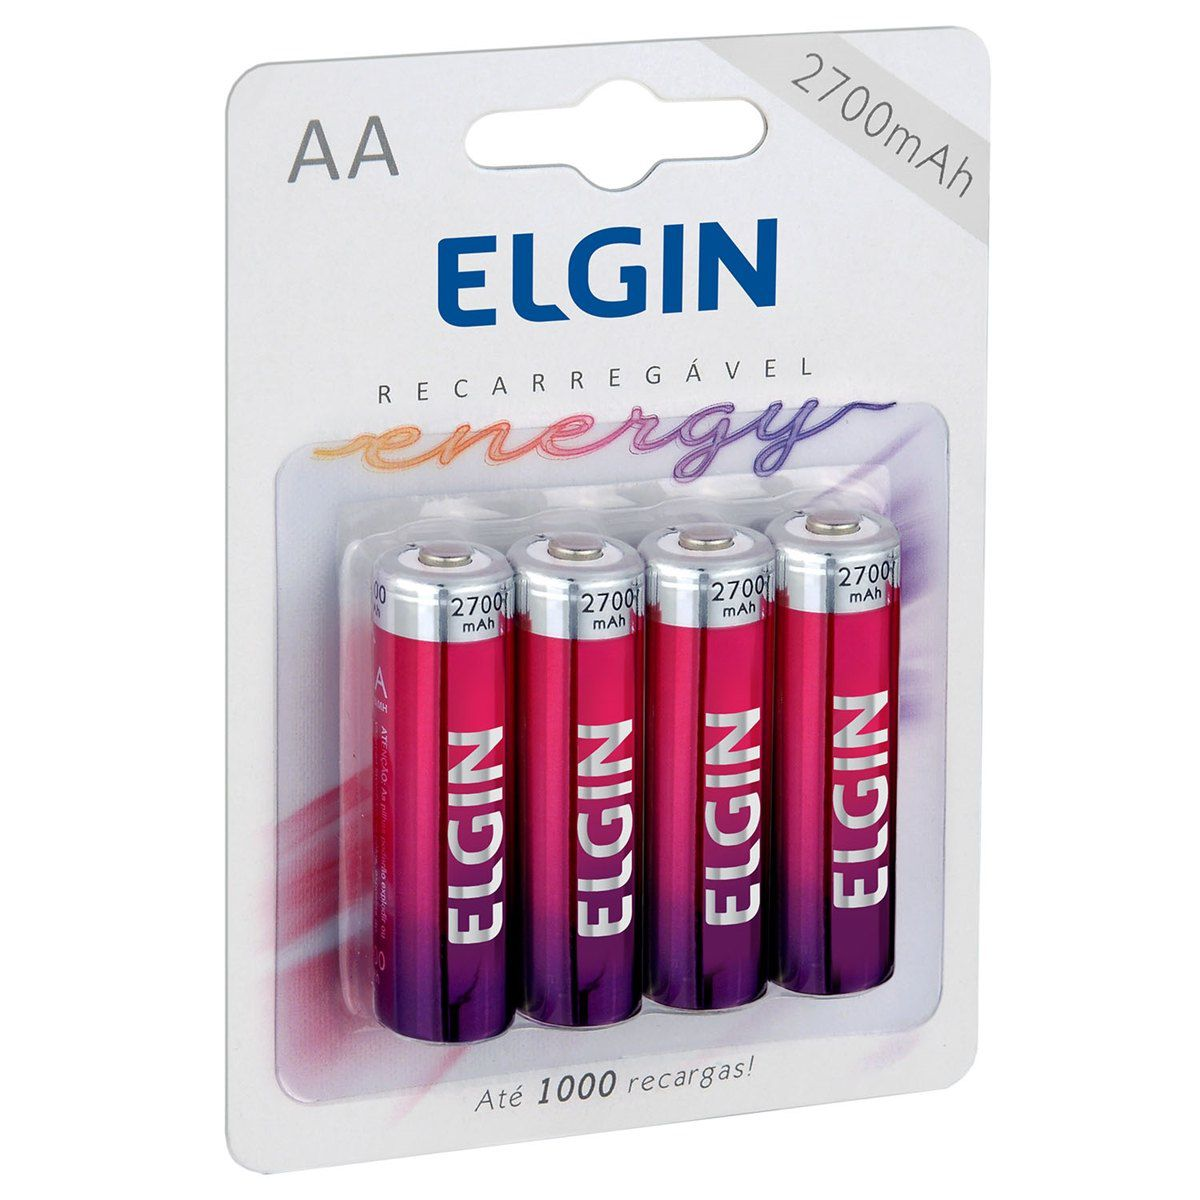 12 Pilhas AA 2700mAh Recarregável ELGIN - 03 cartelas com 4 unidades